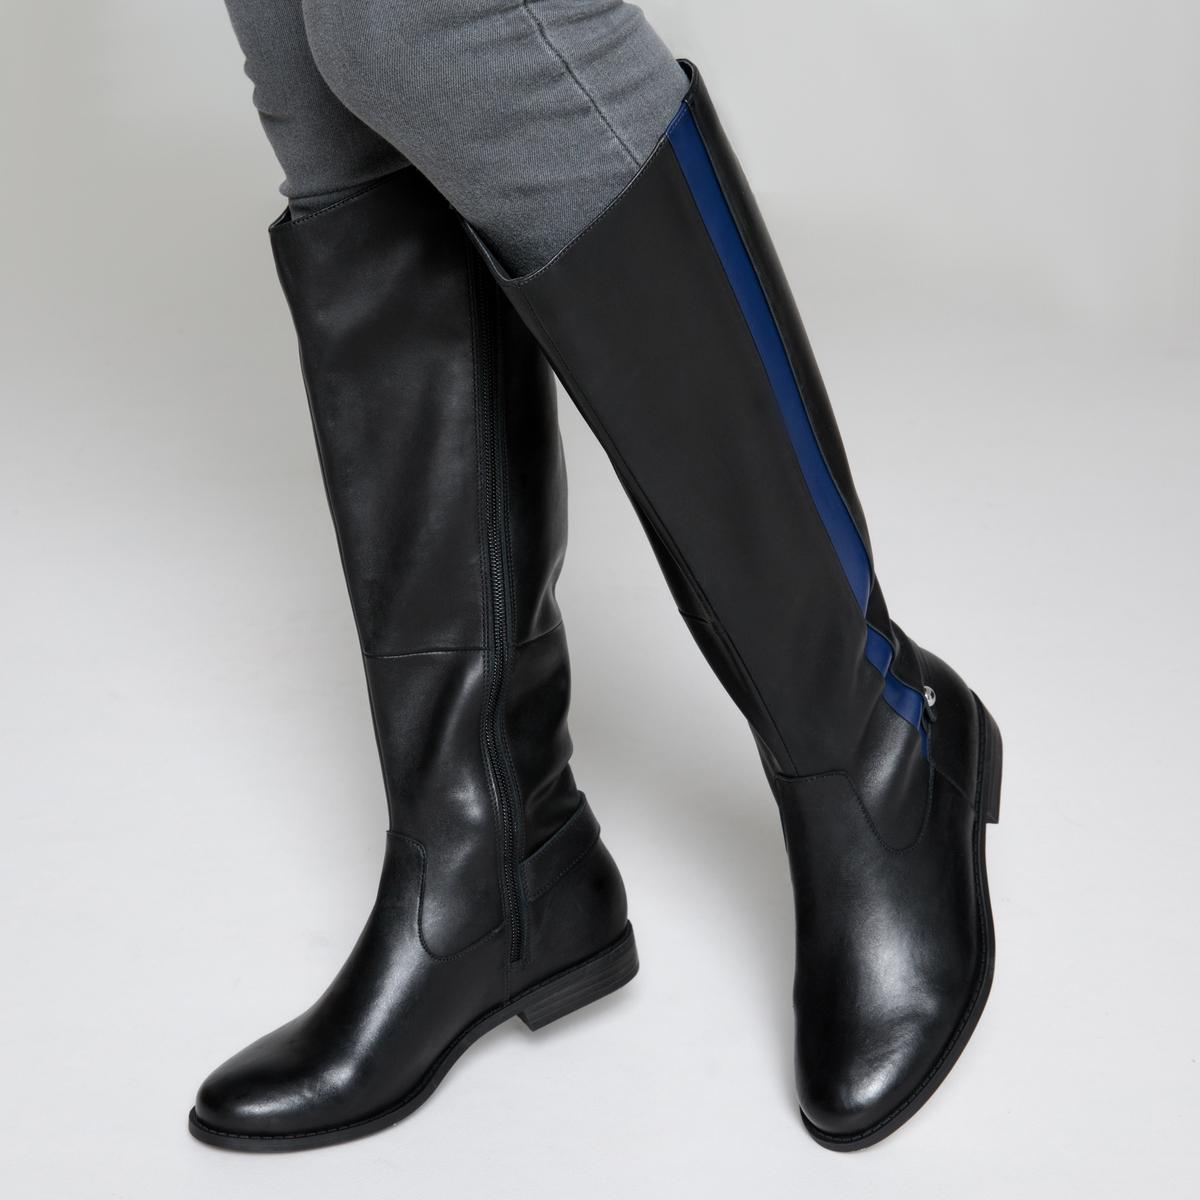 Botas de montar de piel con detalle de banda azul